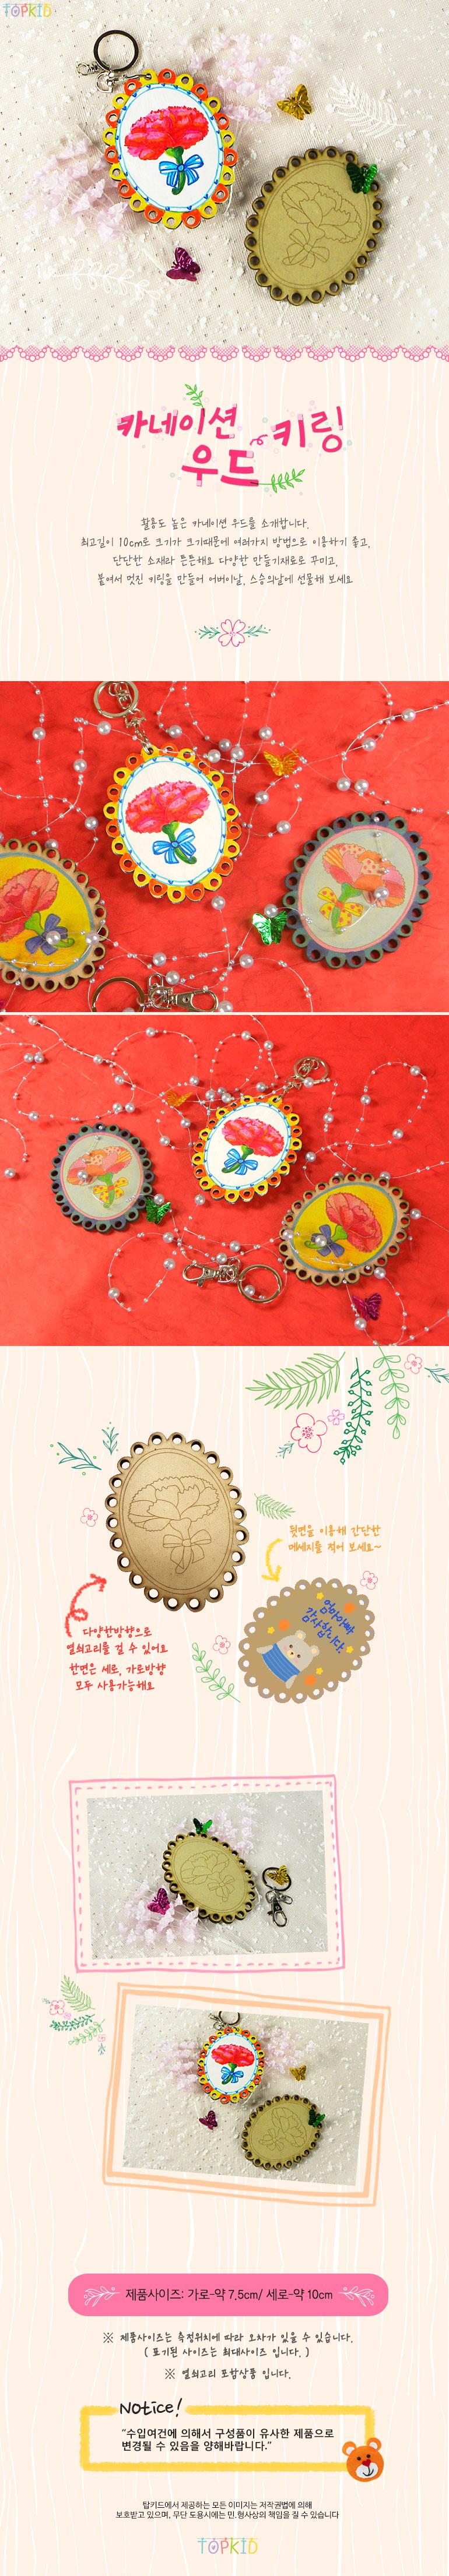 반제품 카네이션 우드 키링(고리포함) - 하비파티, 950원, 우드공예, 우드공예 패키지